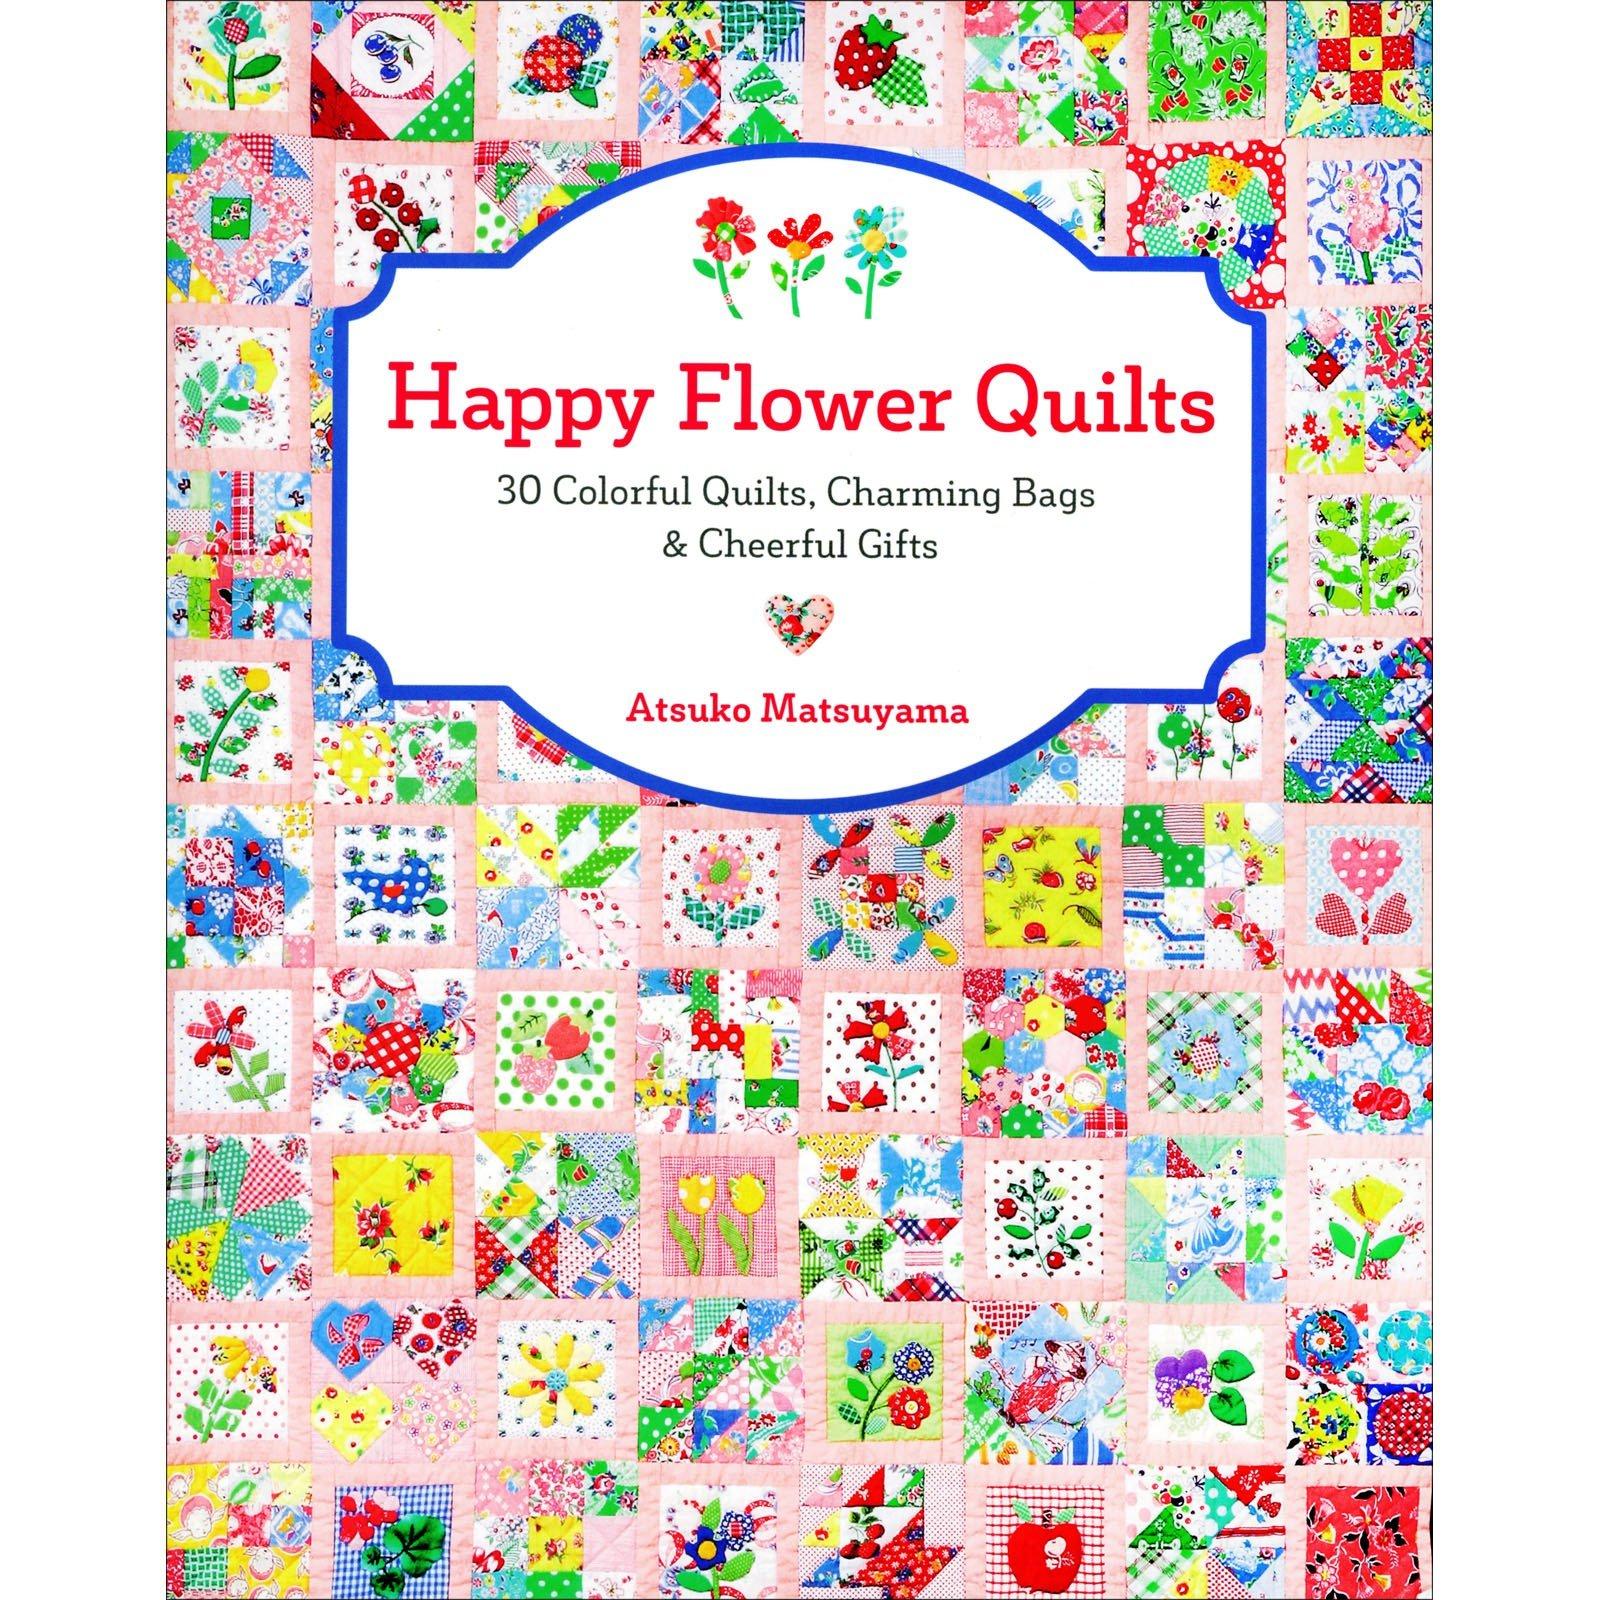 Happy Flower Quilts<br/>Atsuko Matsuyama